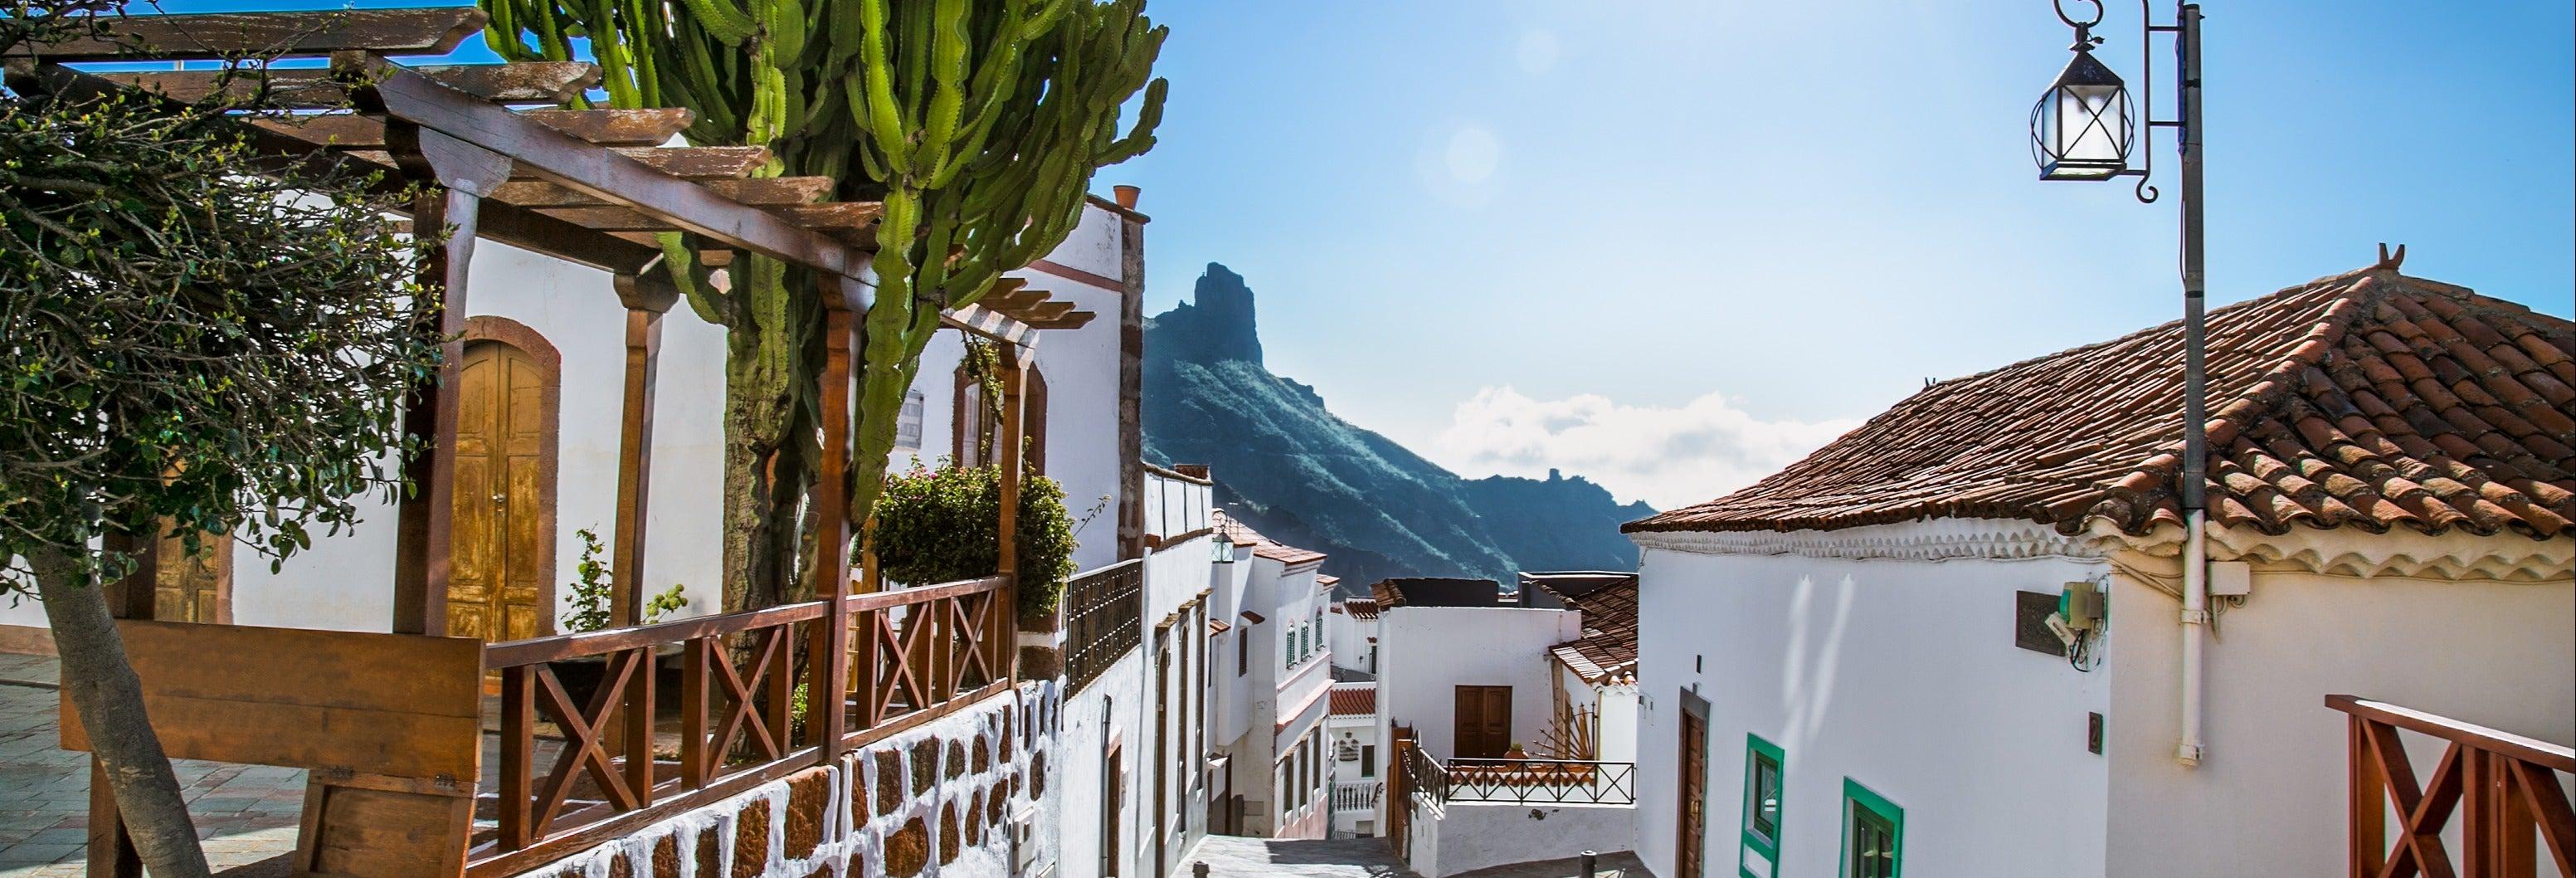 Excursión a Tejeda y el Roque Nublo desde Las Palmas